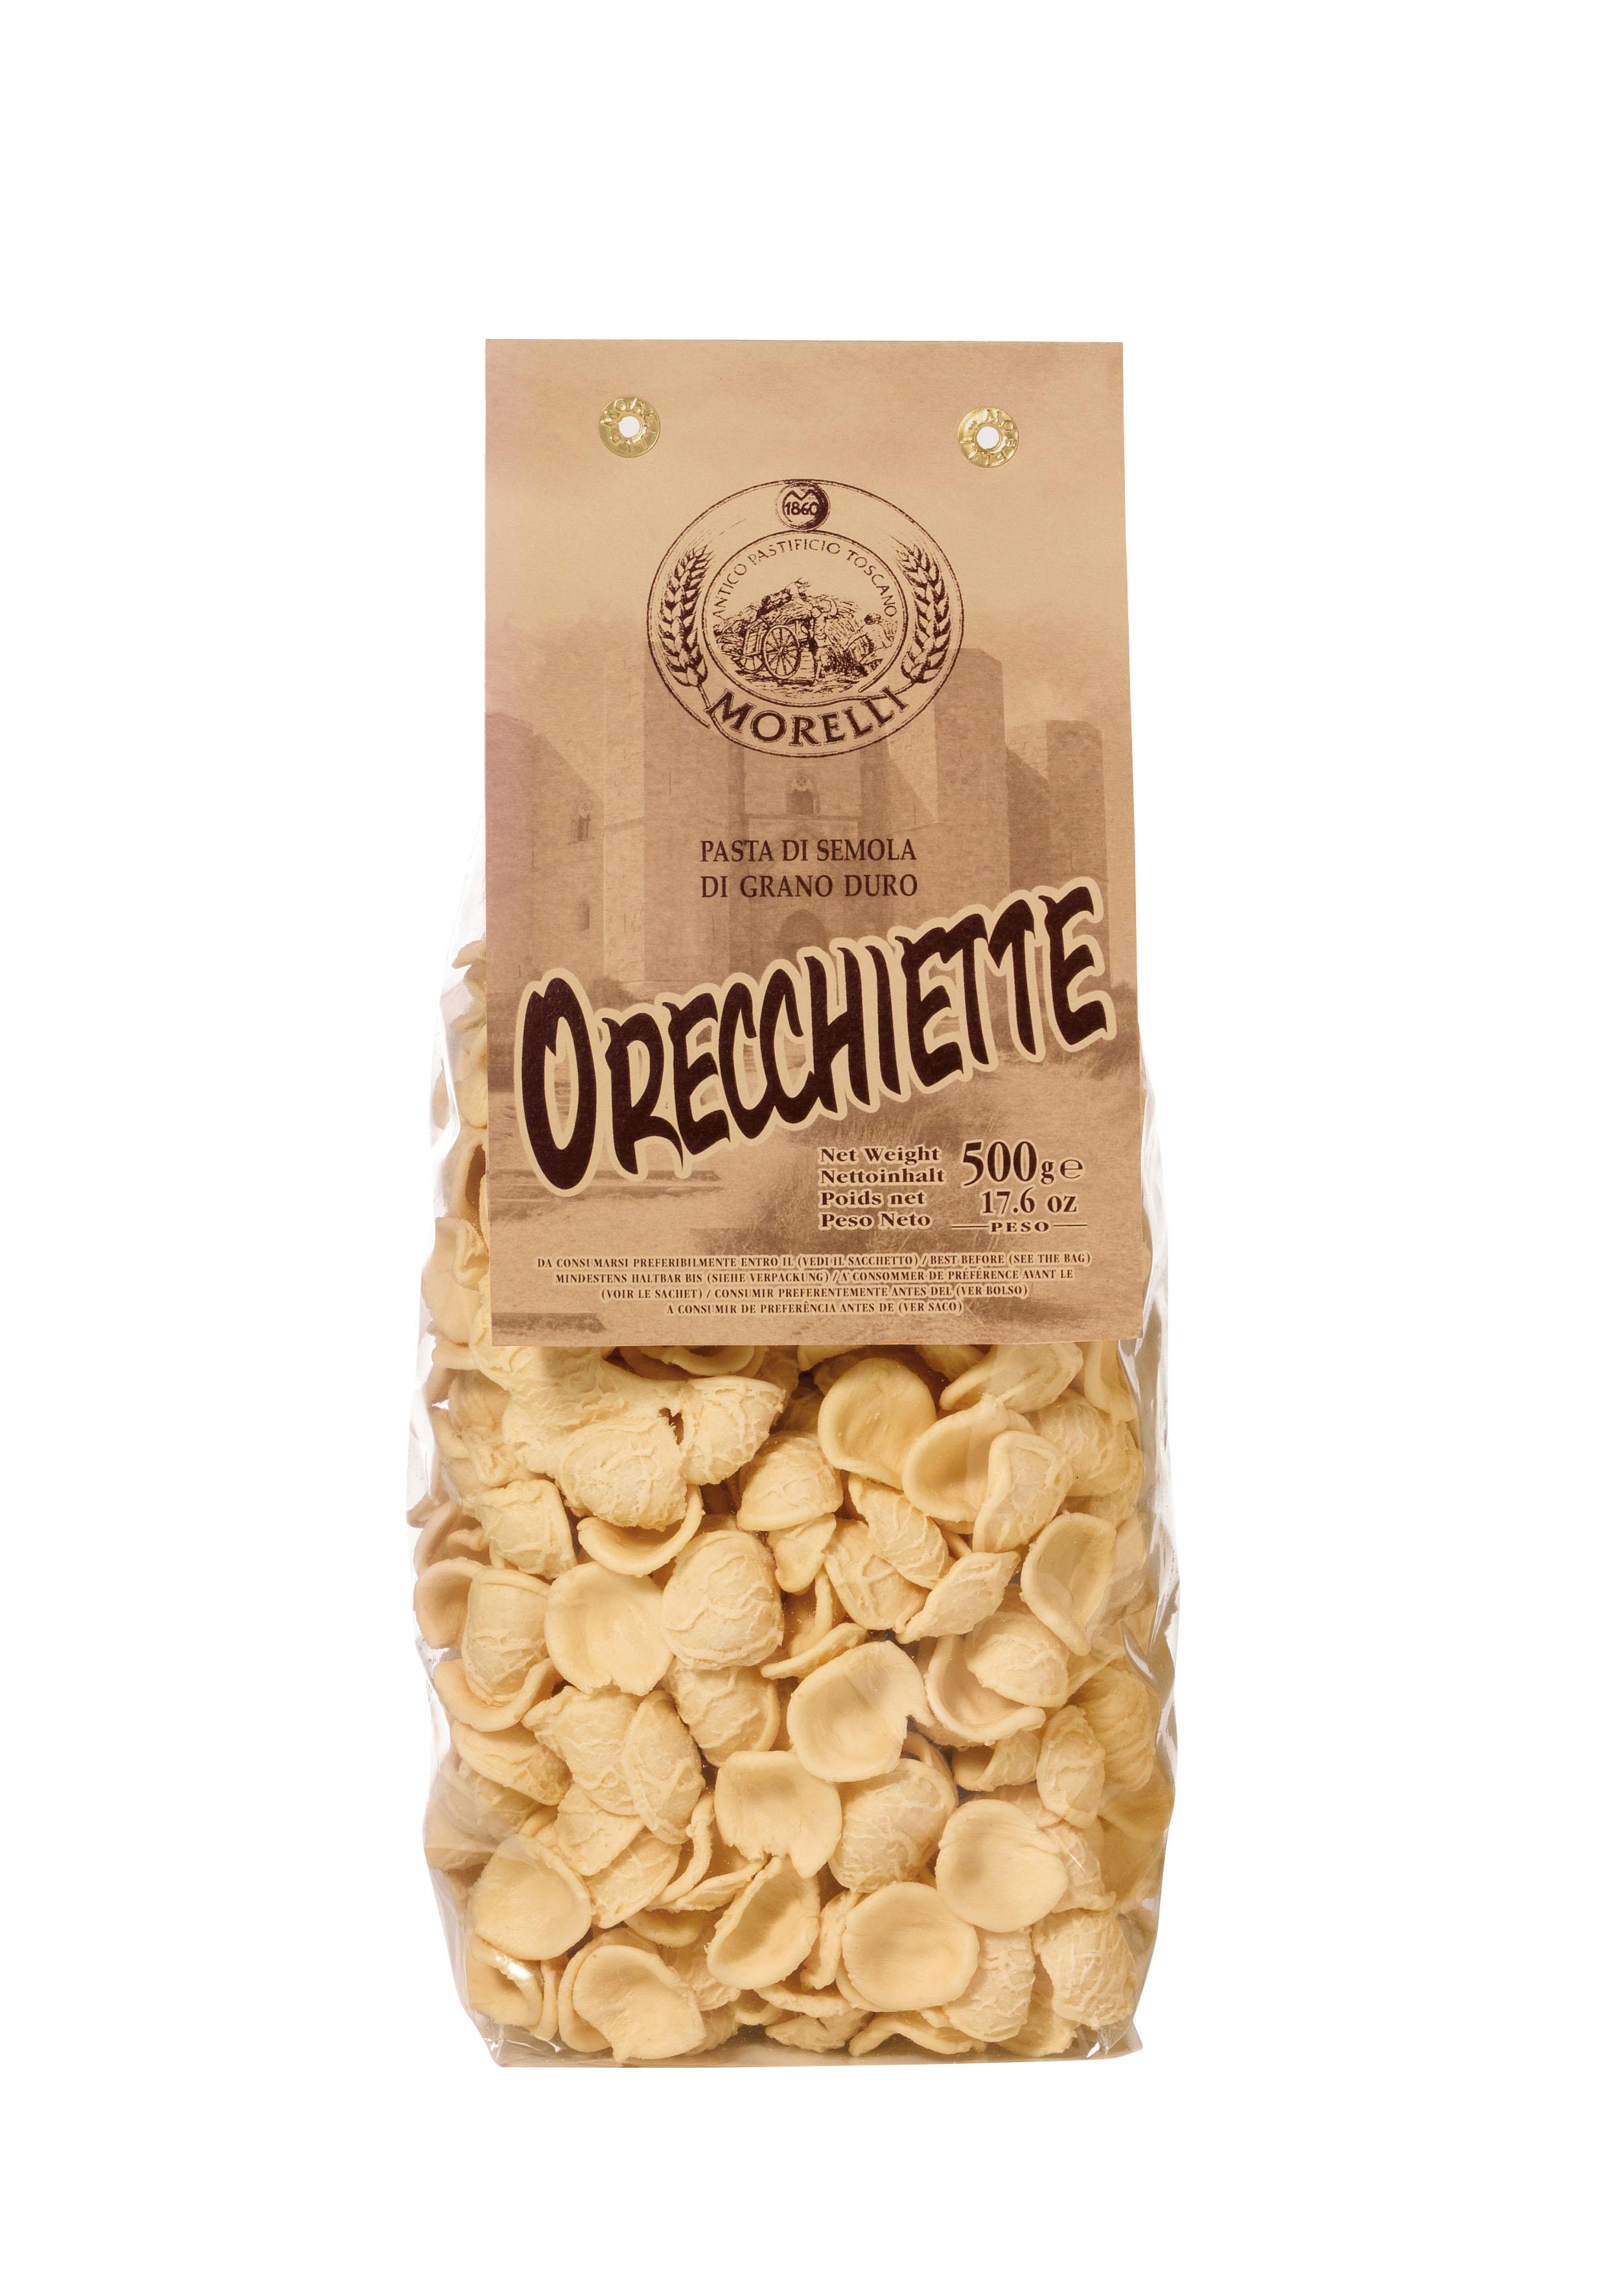 Orecchiette - Pastificio Morelli